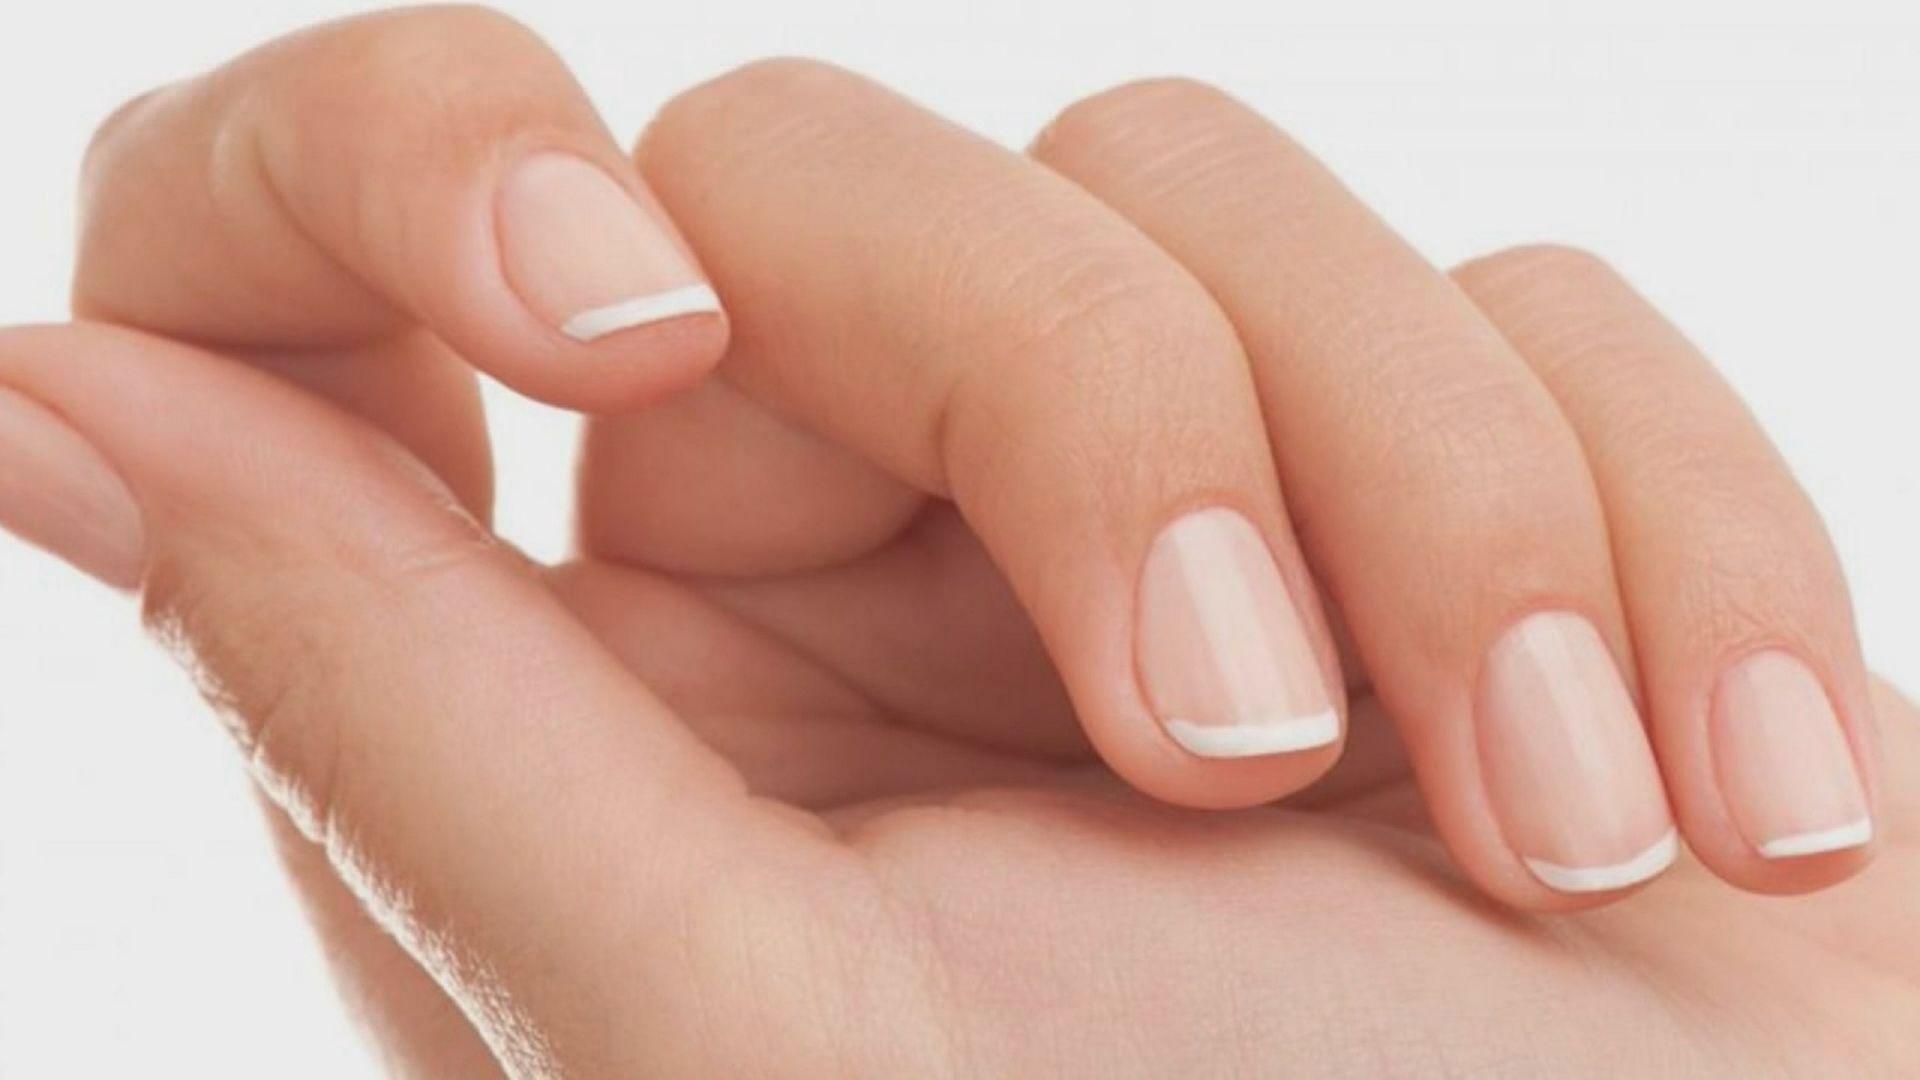 看指甲暗示身体疾病